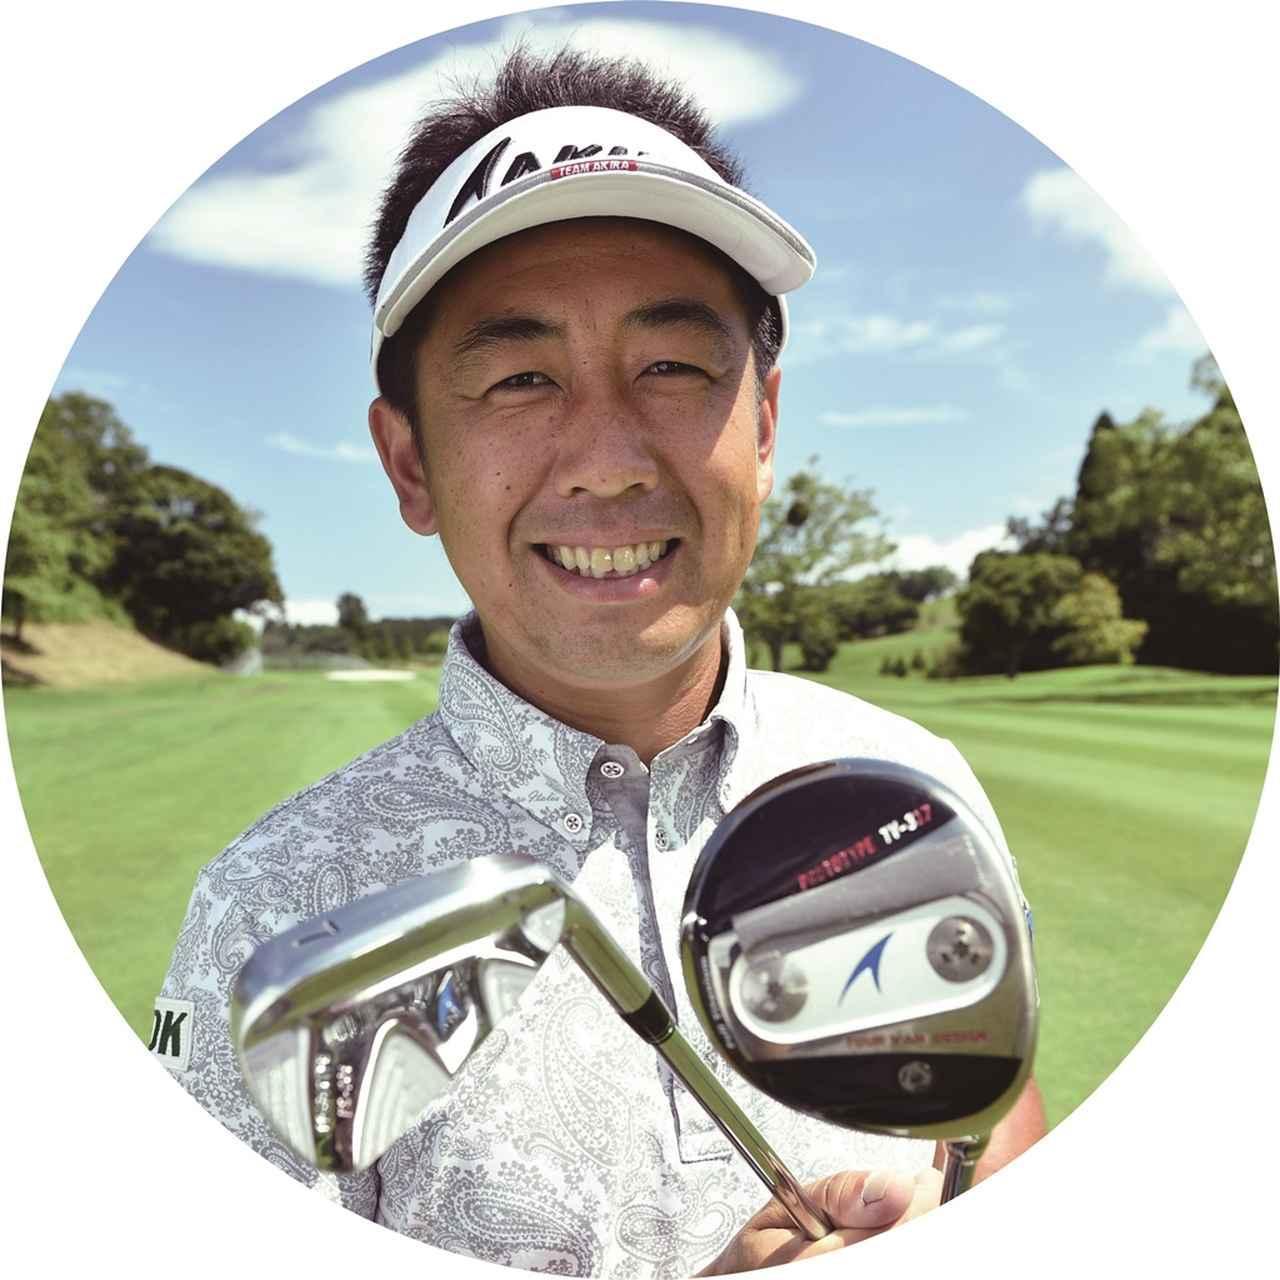 画像: 河野晃一郎 かわのこういちろう。81年生まれ、東京都出身。03年プロ転向。ツアー1勝。11年のマイナビABCチャンピオンシップではベ・サンムンとのプレーオフの末、優勝を飾る。飯田通商株式会社所属。